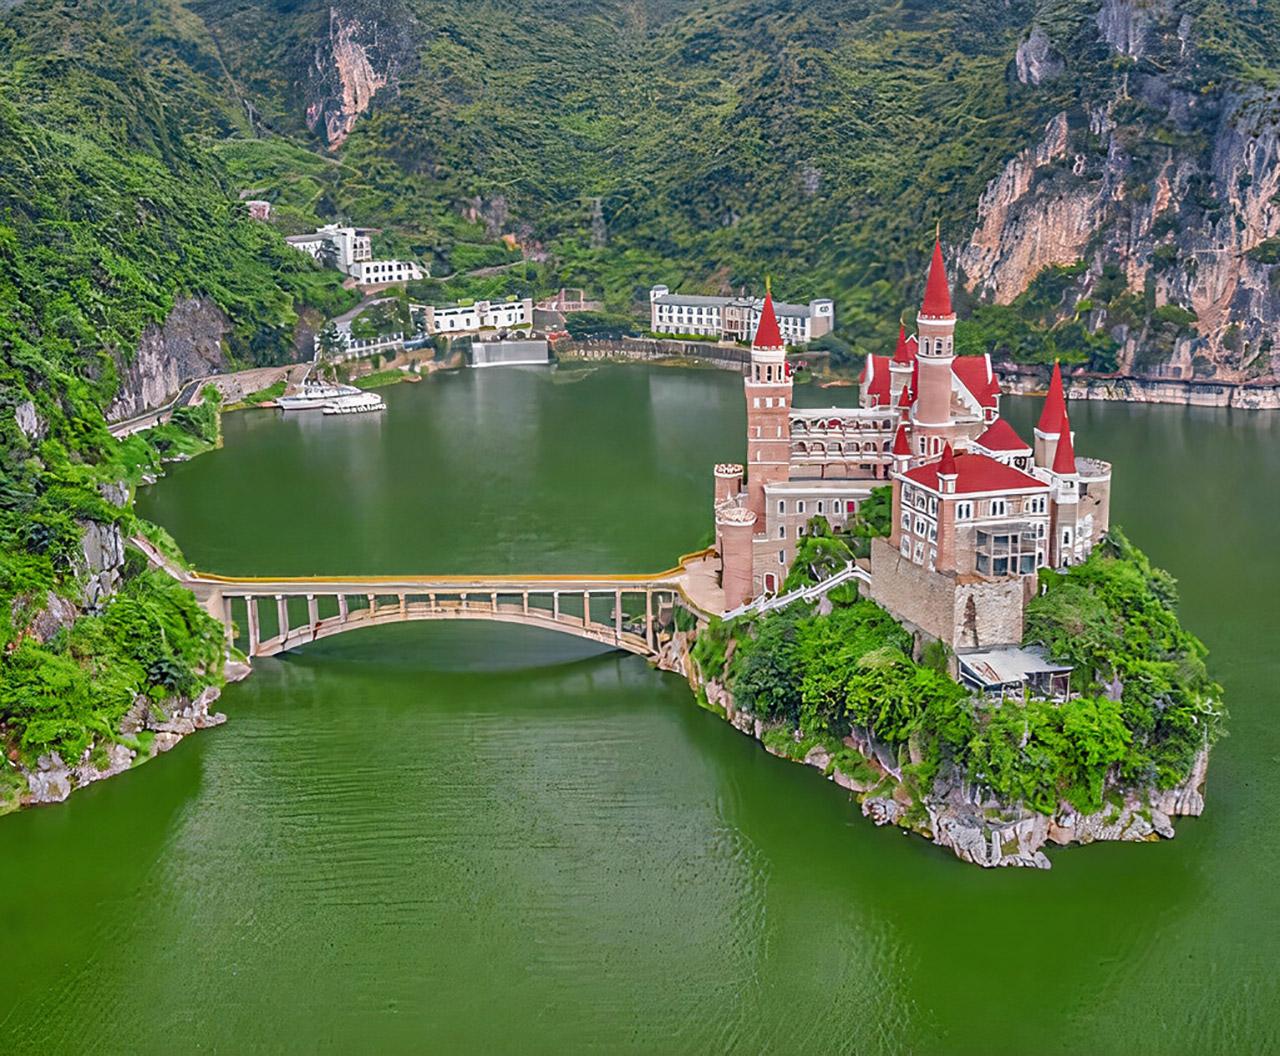 טירת האגדות הזו היא למעשה מלון של ארבעה כוכבים בסין